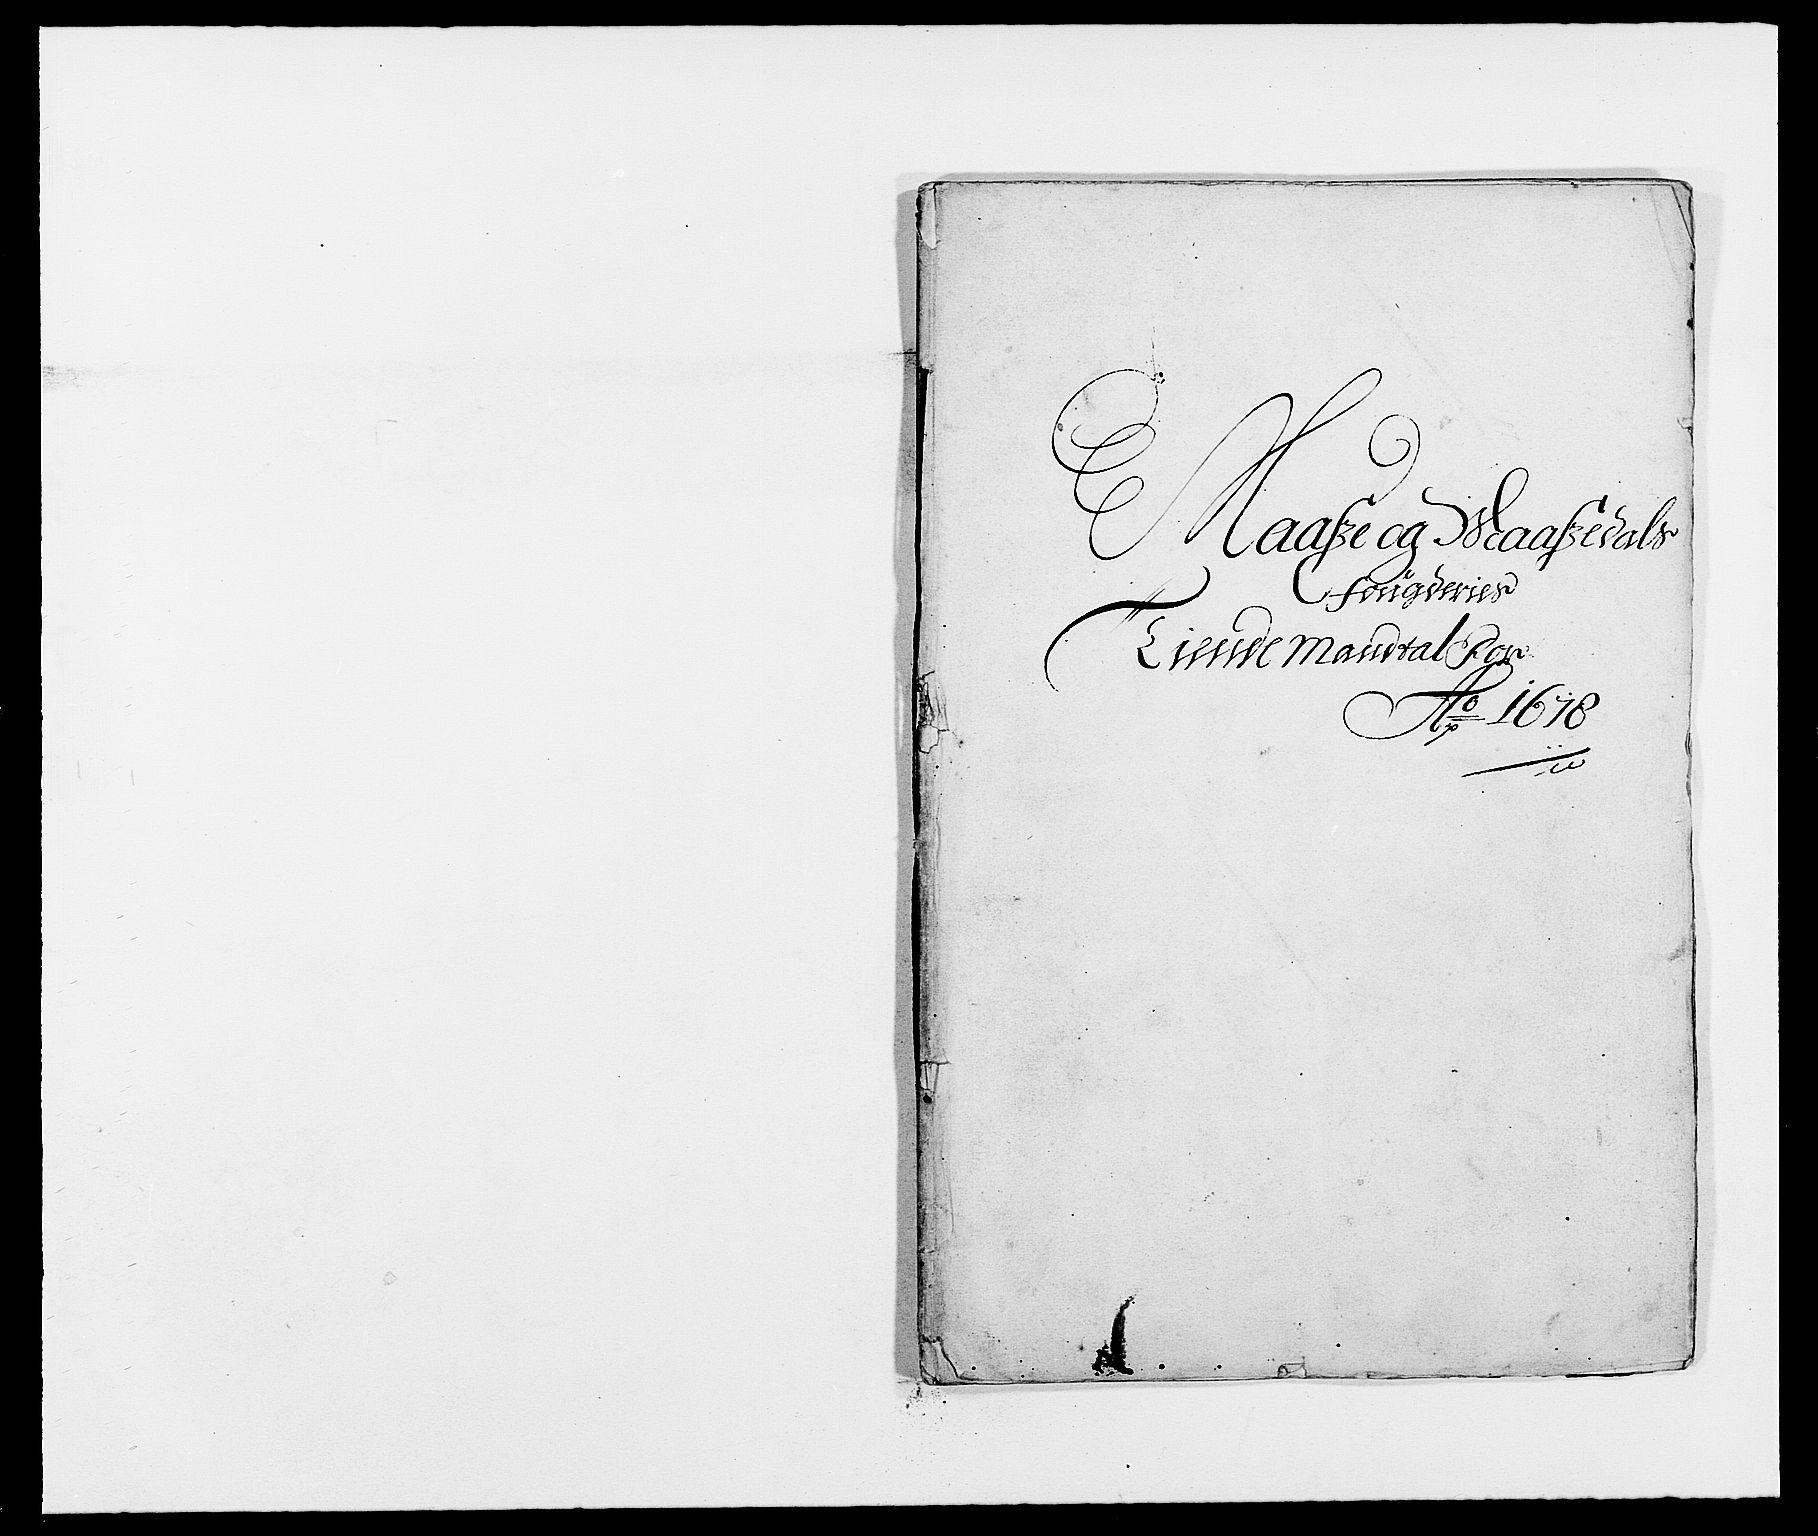 RA, Rentekammeret inntil 1814, Reviderte regnskaper, Fogderegnskap, R02/L0099: Fogderegnskap Moss og Verne kloster, 1678, s. 156